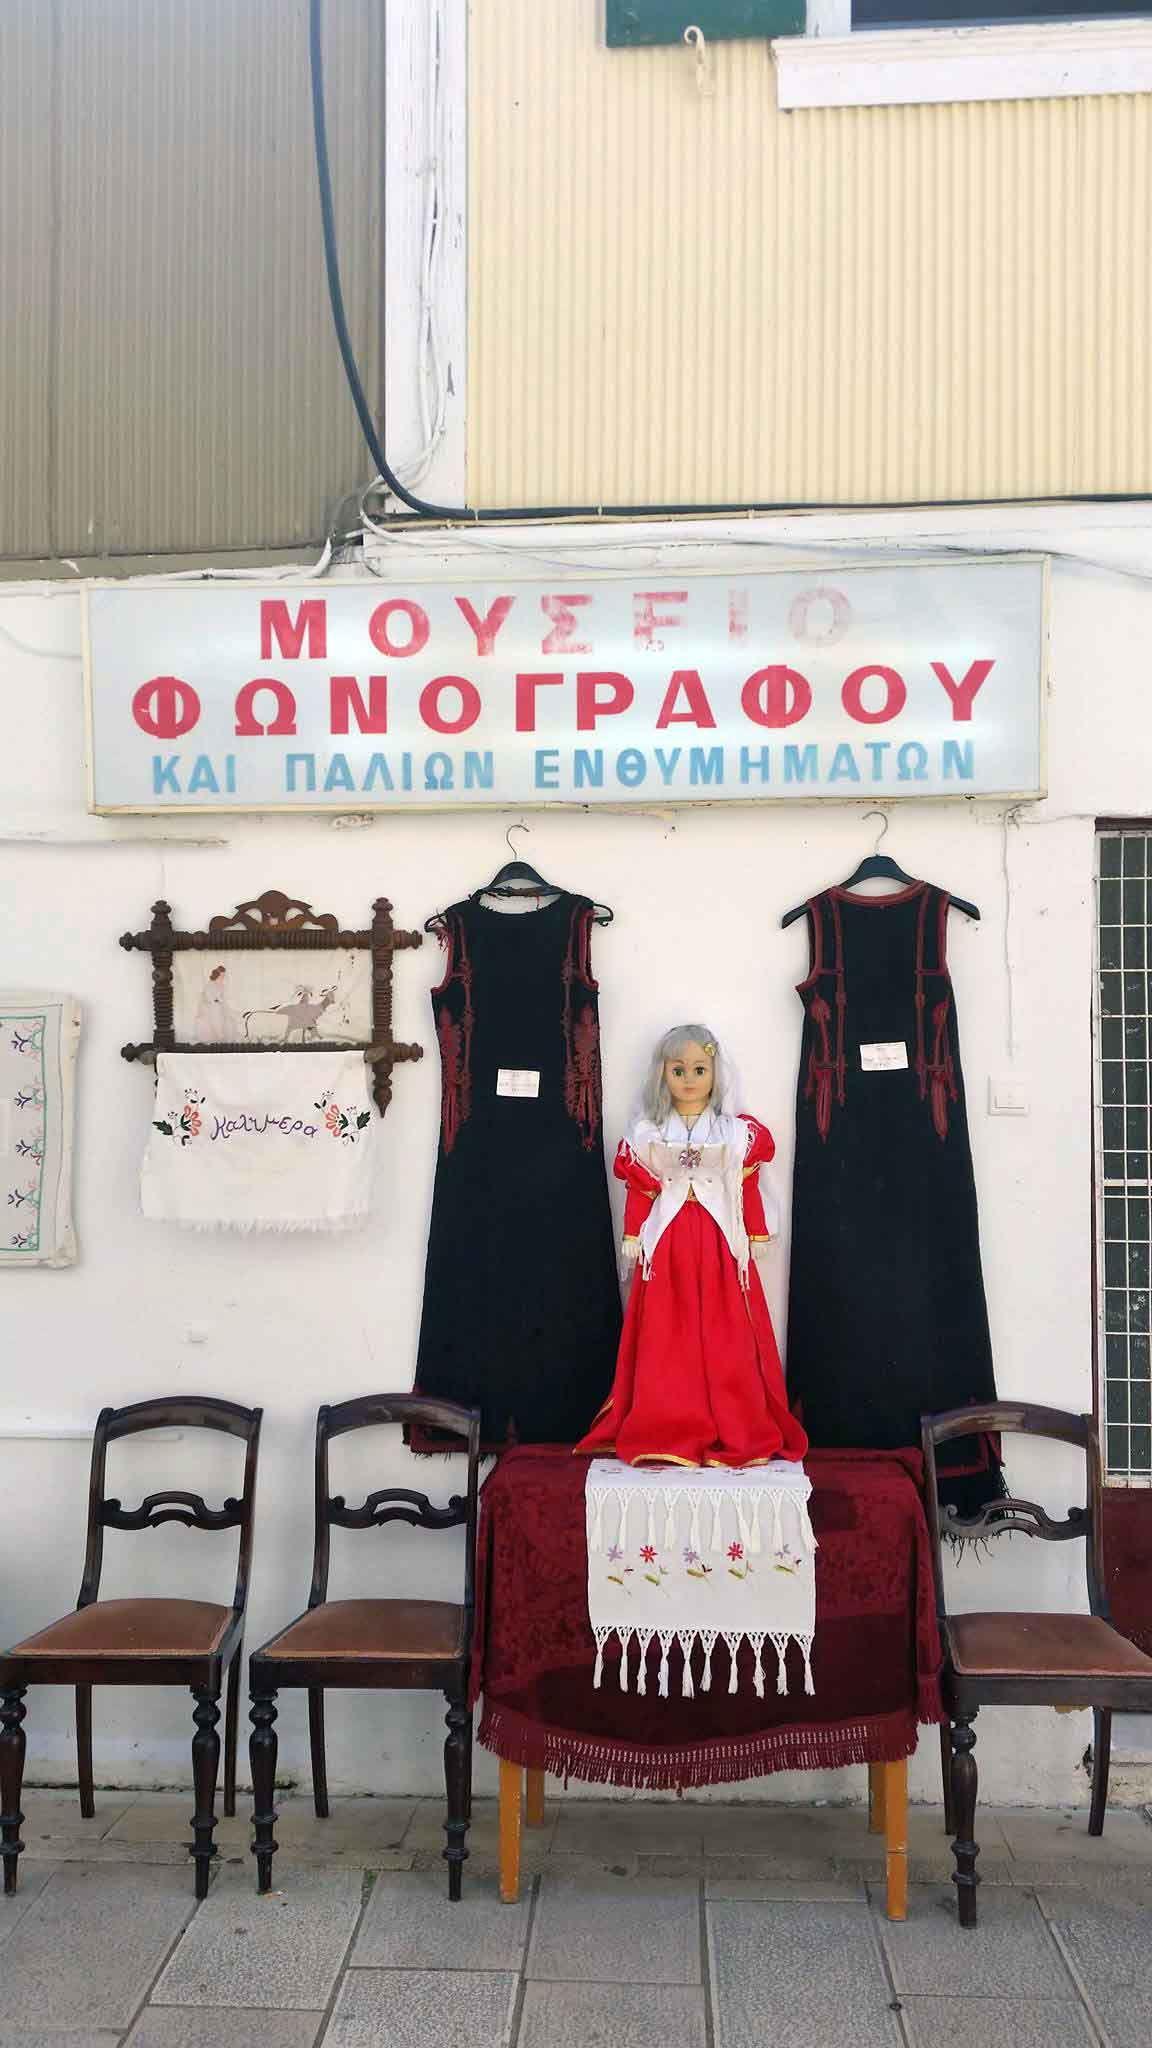 Λευκάδα μουσείο φωνογράφου